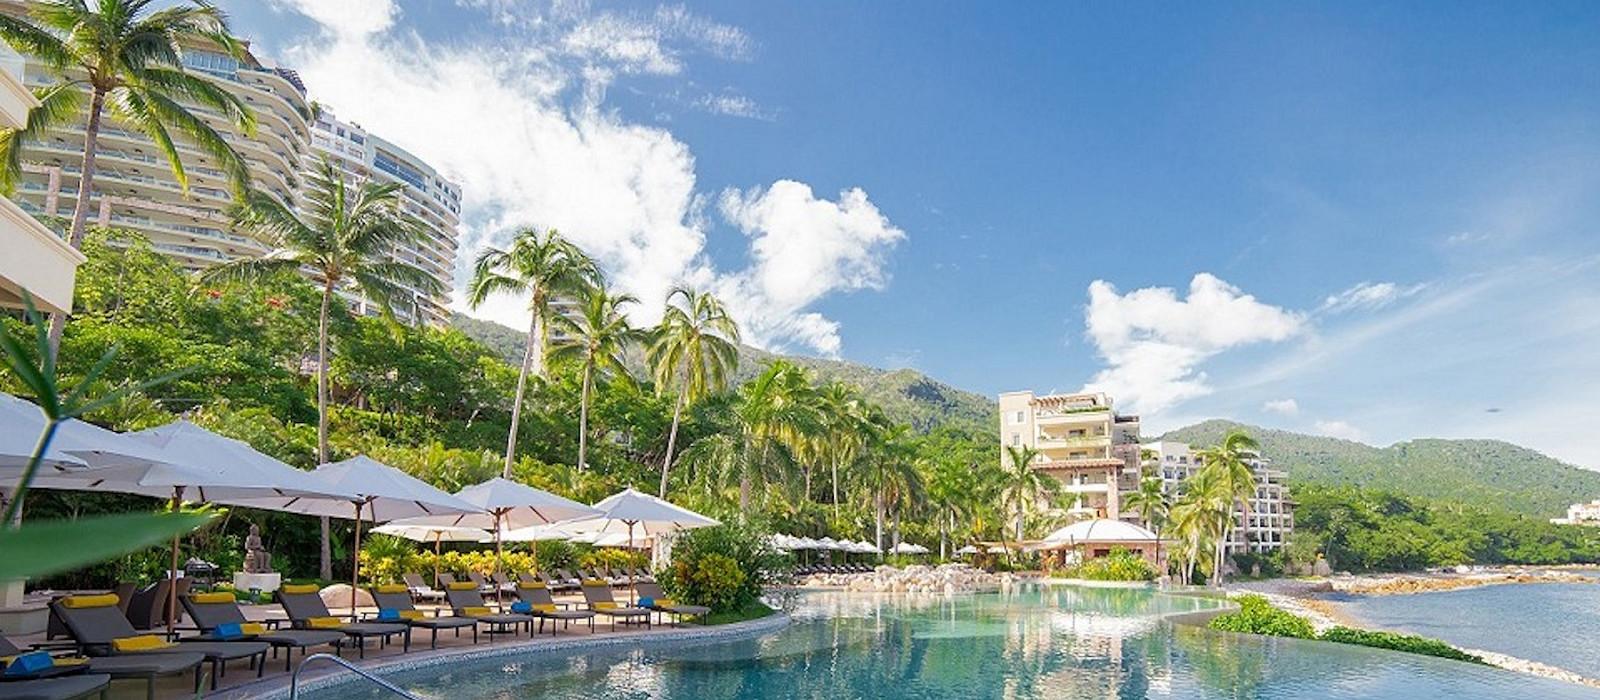 Hotel Garza Blanca Resort & Spa Mexico